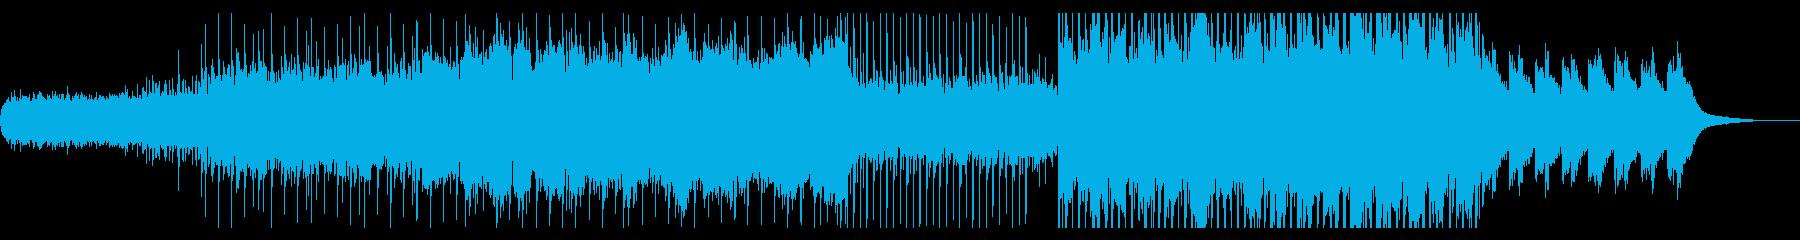 冬をイメージしたエレクトロニカの再生済みの波形